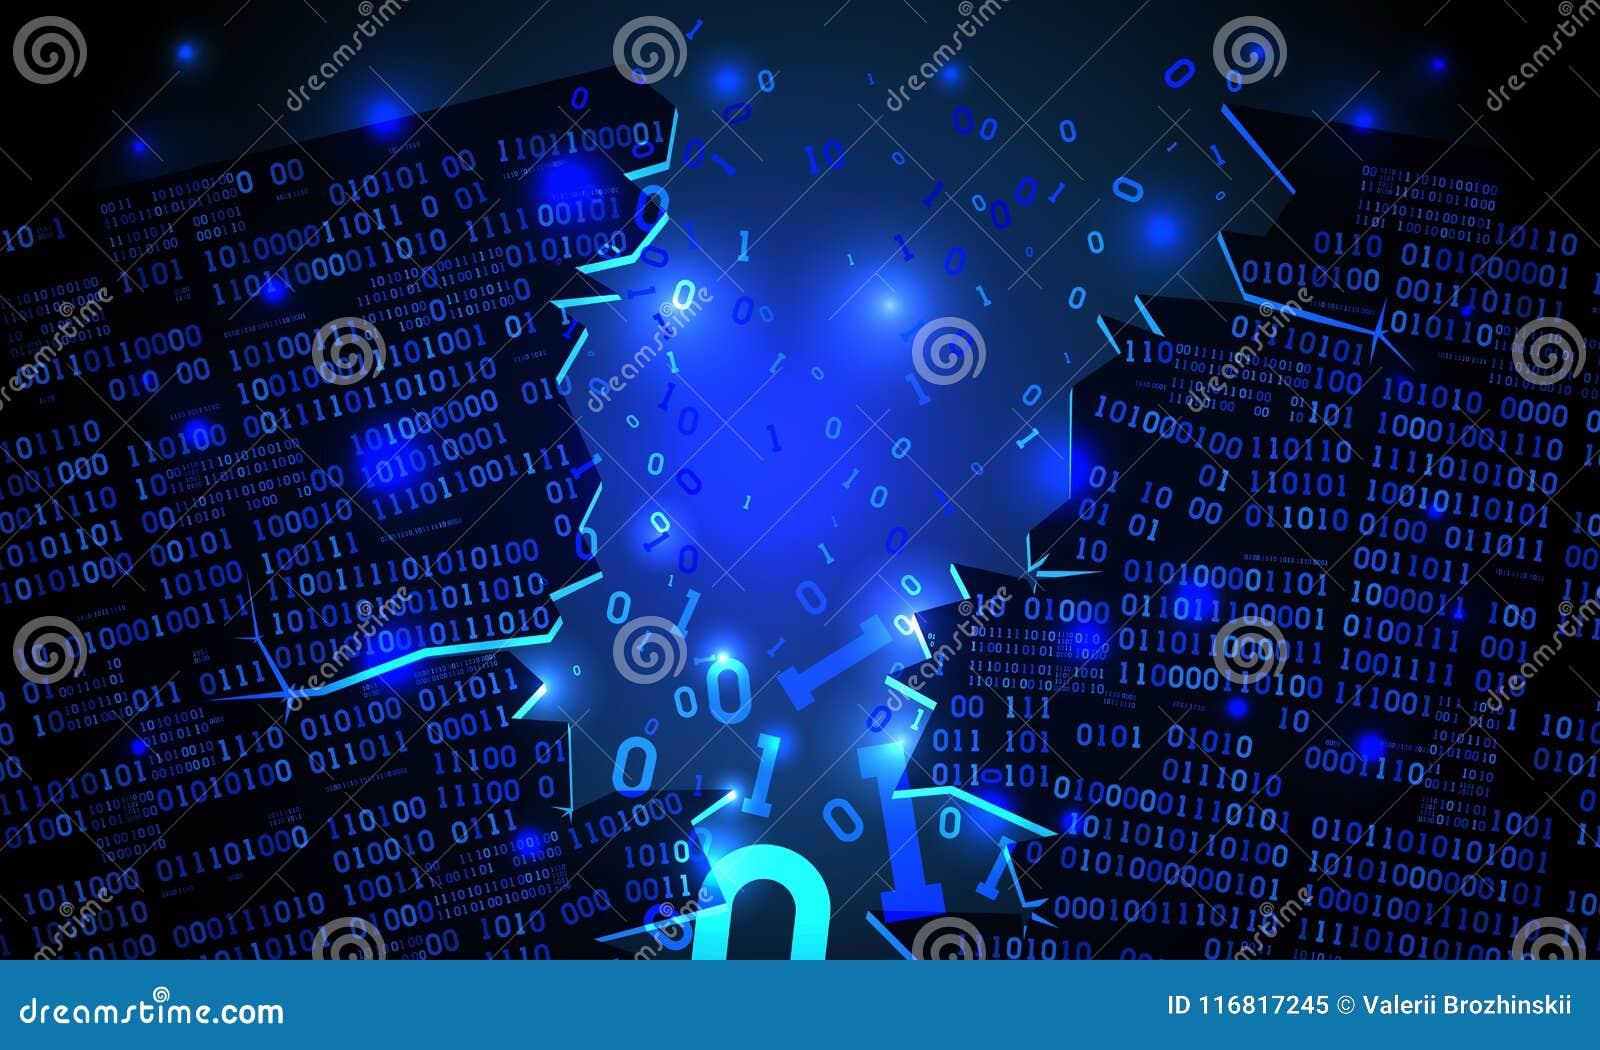 Il Cyberspace futuristico astratto ha inciso la matrice dei dati binari, il codice binario di caduta rotto, fondo della matrice